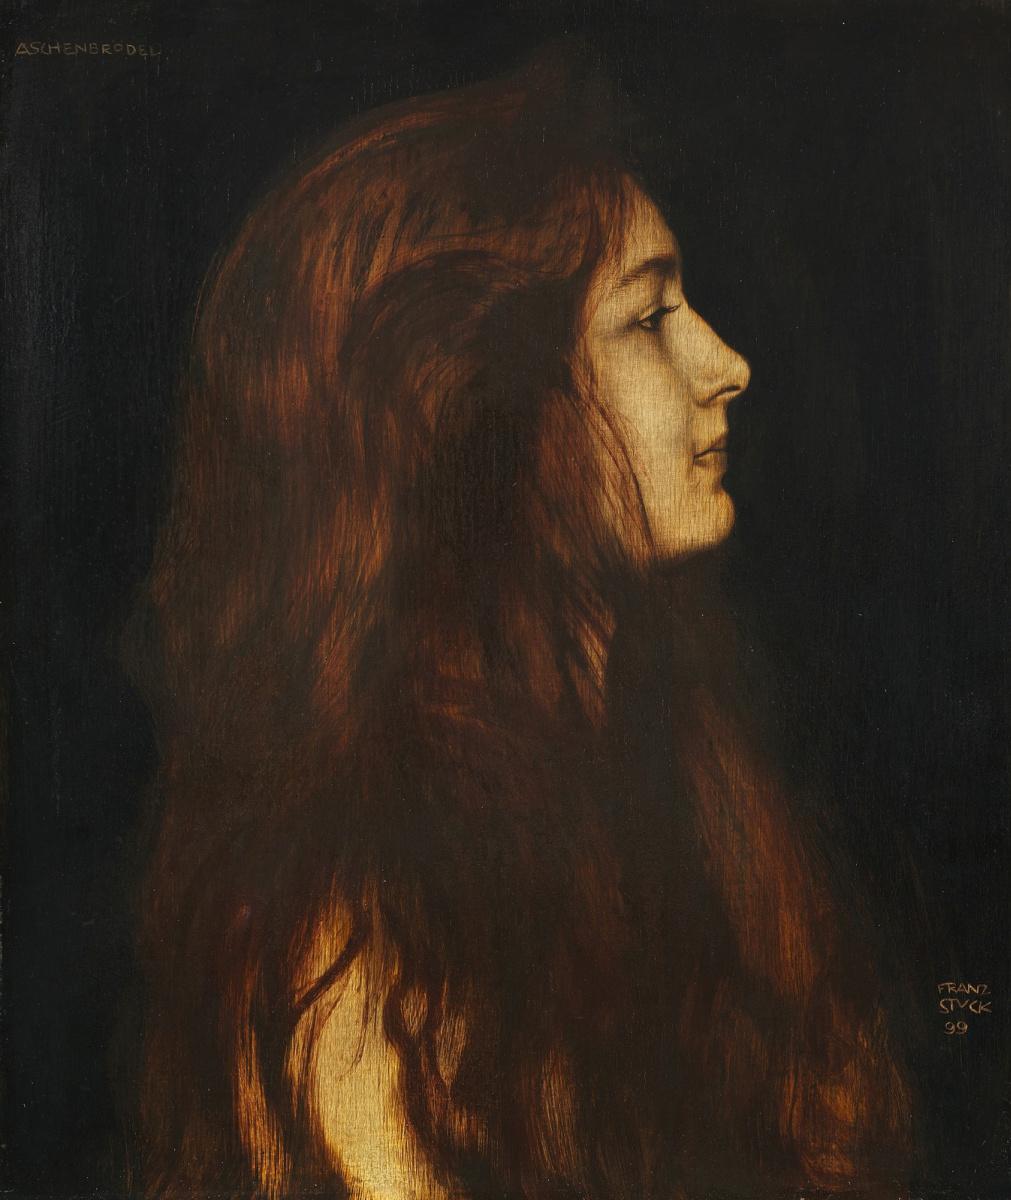 Franz von Stuck. Cinderella. 1899